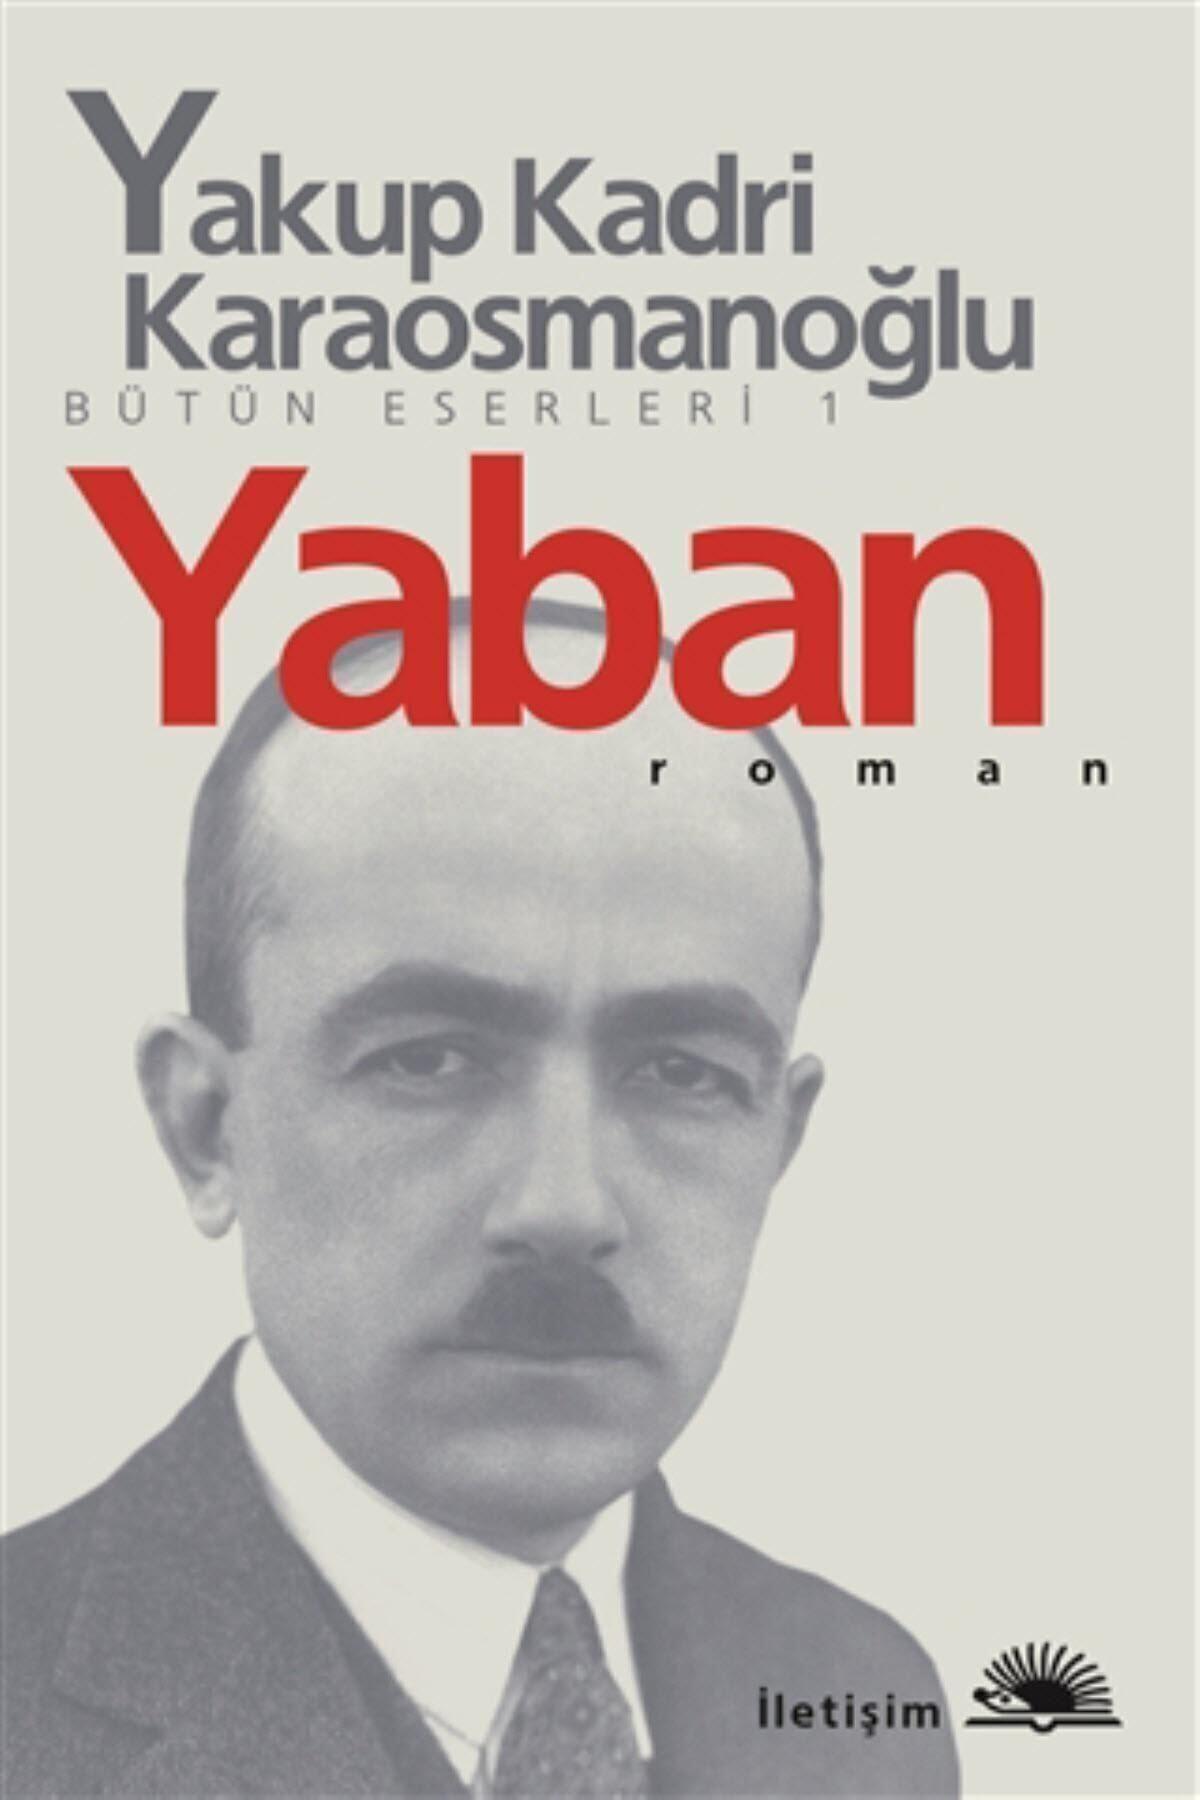 İletişim Yayınları Yaban - Yakup Kadri Karaosmanoğlu 1